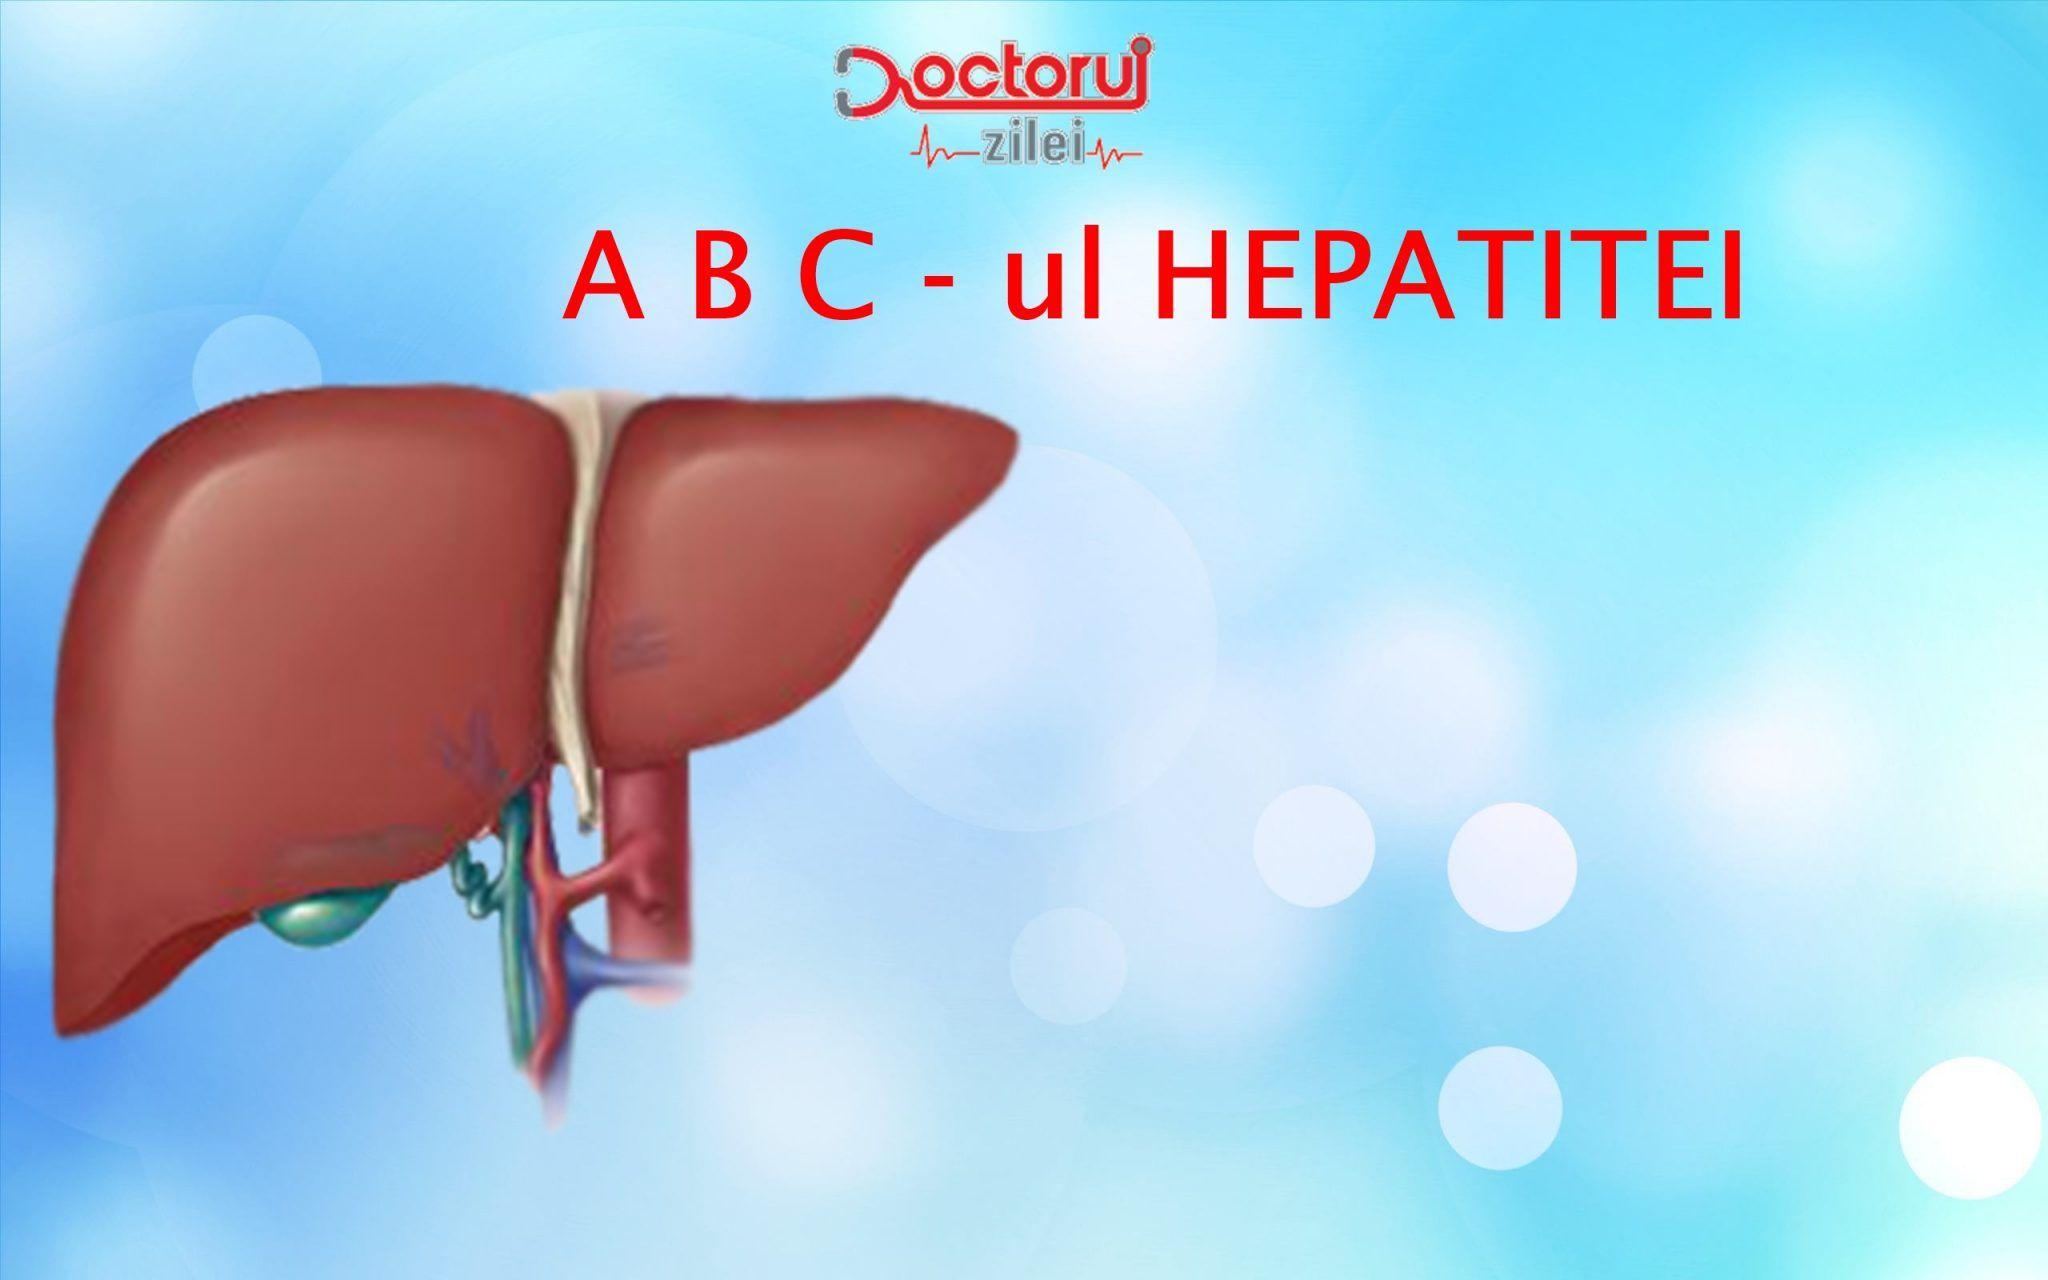 HEPATITA....De la A la C. Cum deosebim tipurile de hepatită și care este cea mai periculoasă